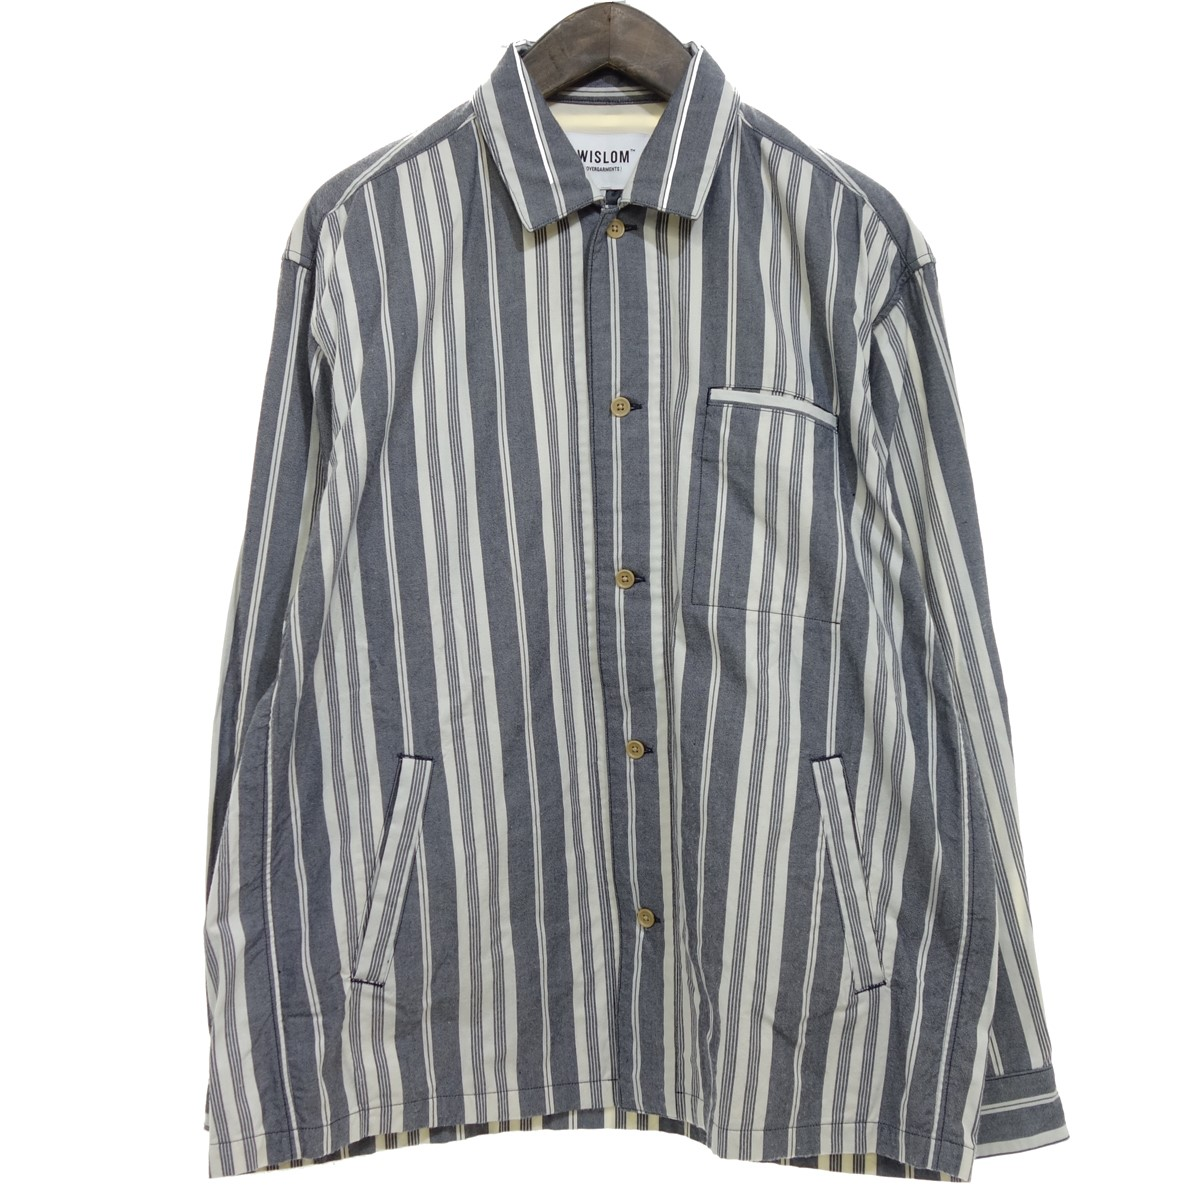 【中古】WISLOM EVAN シャツジャケット グレー×ホワイト サイズ:06 【260420】(ウィズロム)